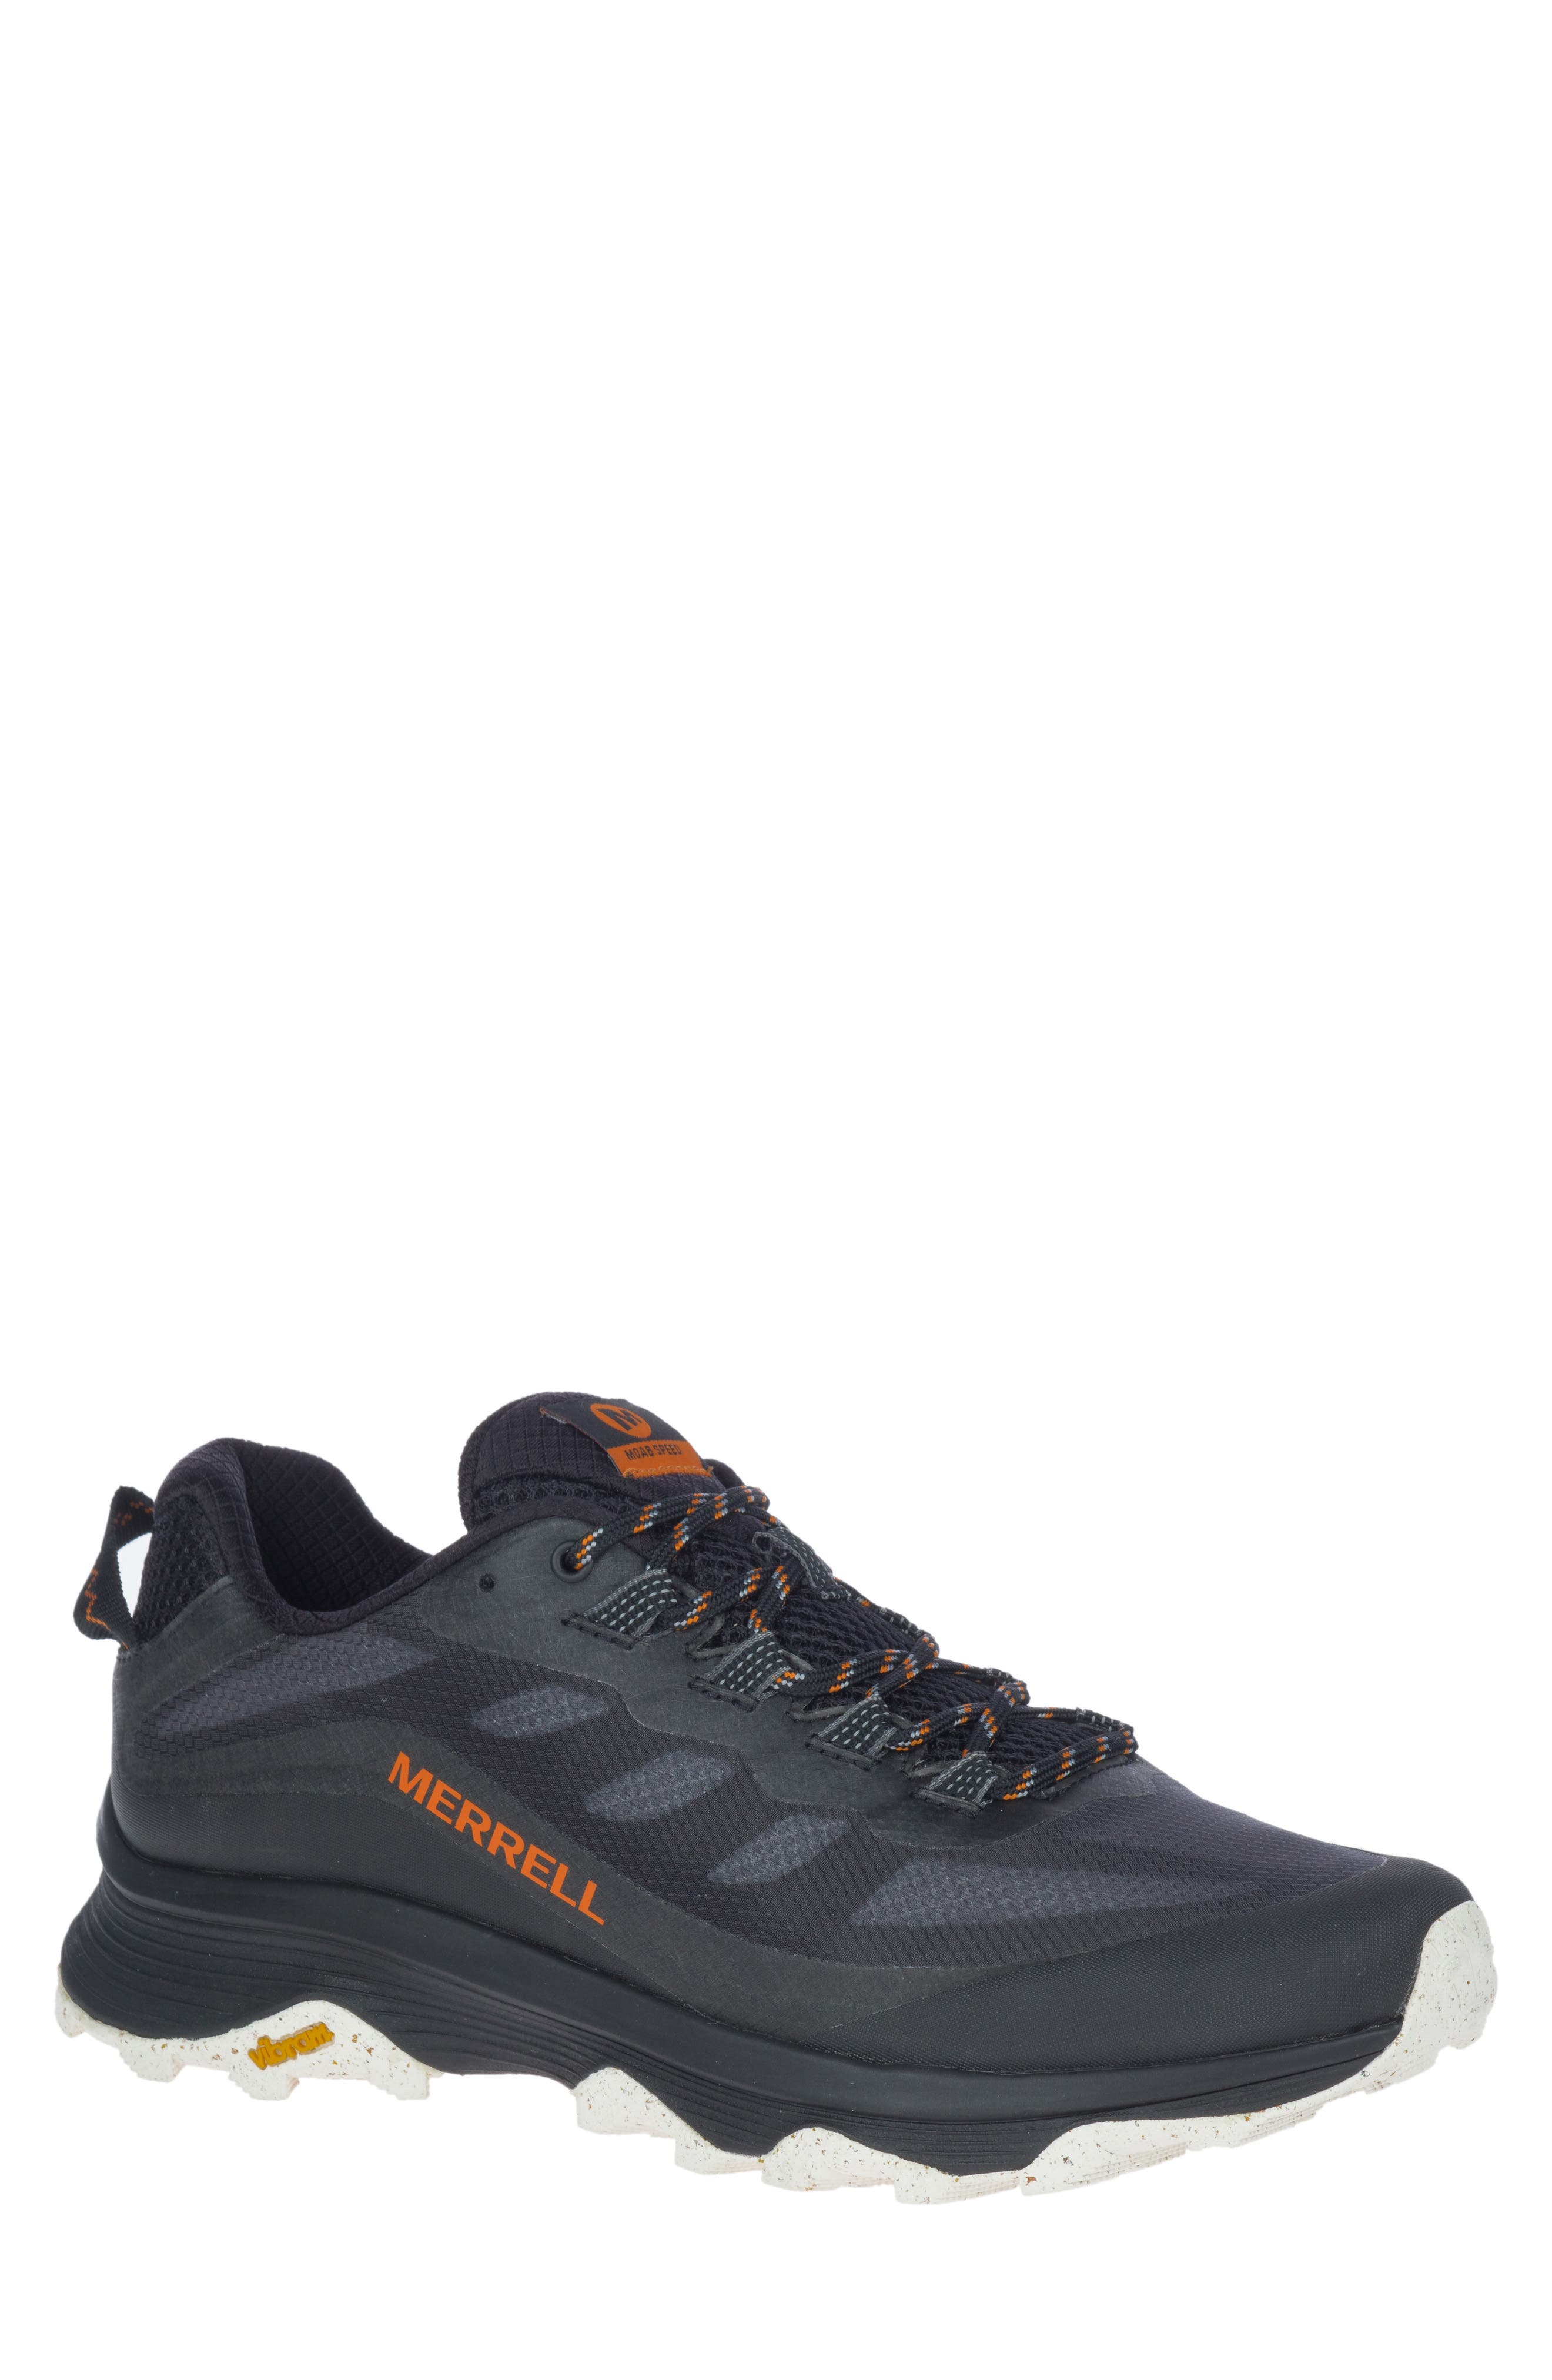 Moab Speed Hiking Shoe